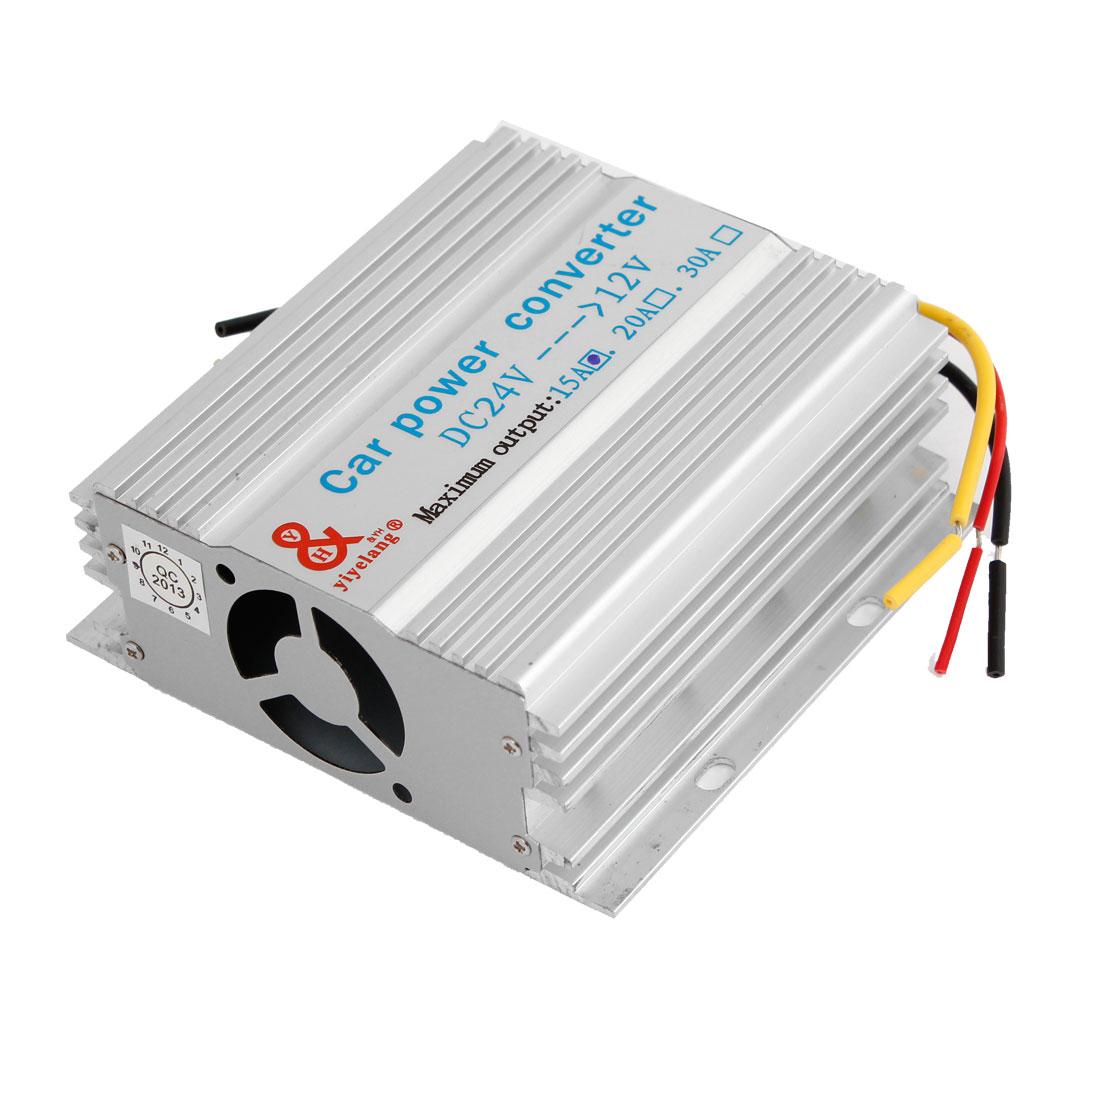 Truck Car 15A 180W Imput DC 24V to 12V Output Power Supply Transformer Converter